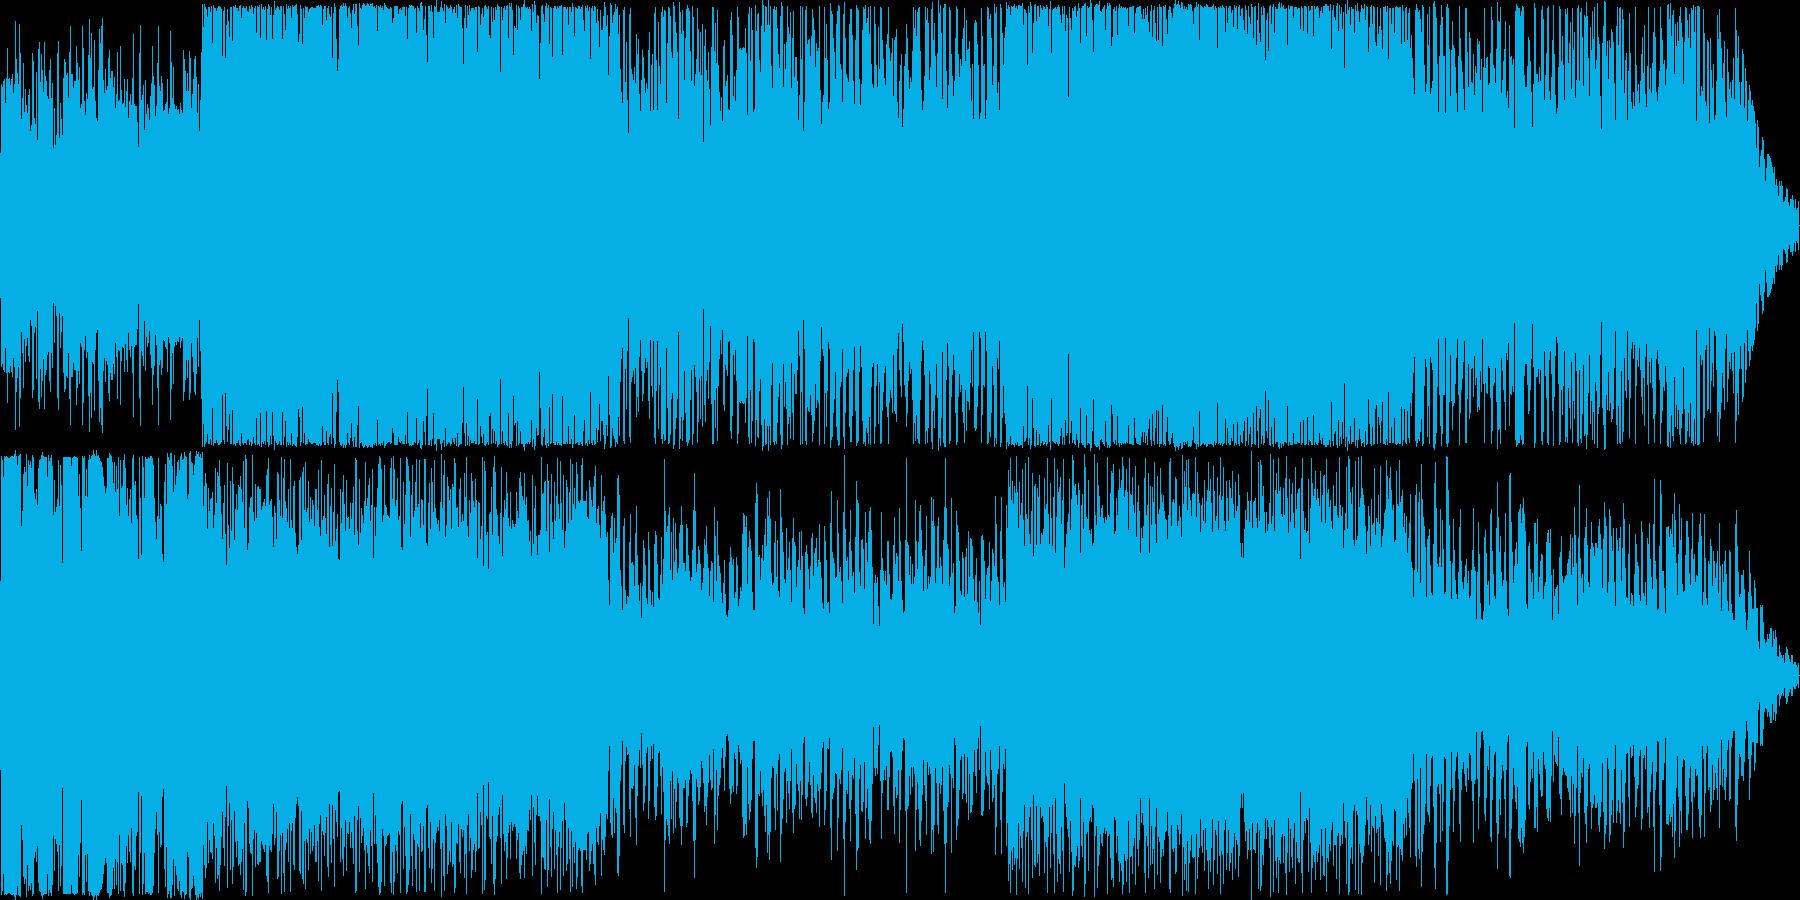 宇宙感のあるトランス系BGMの再生済みの波形